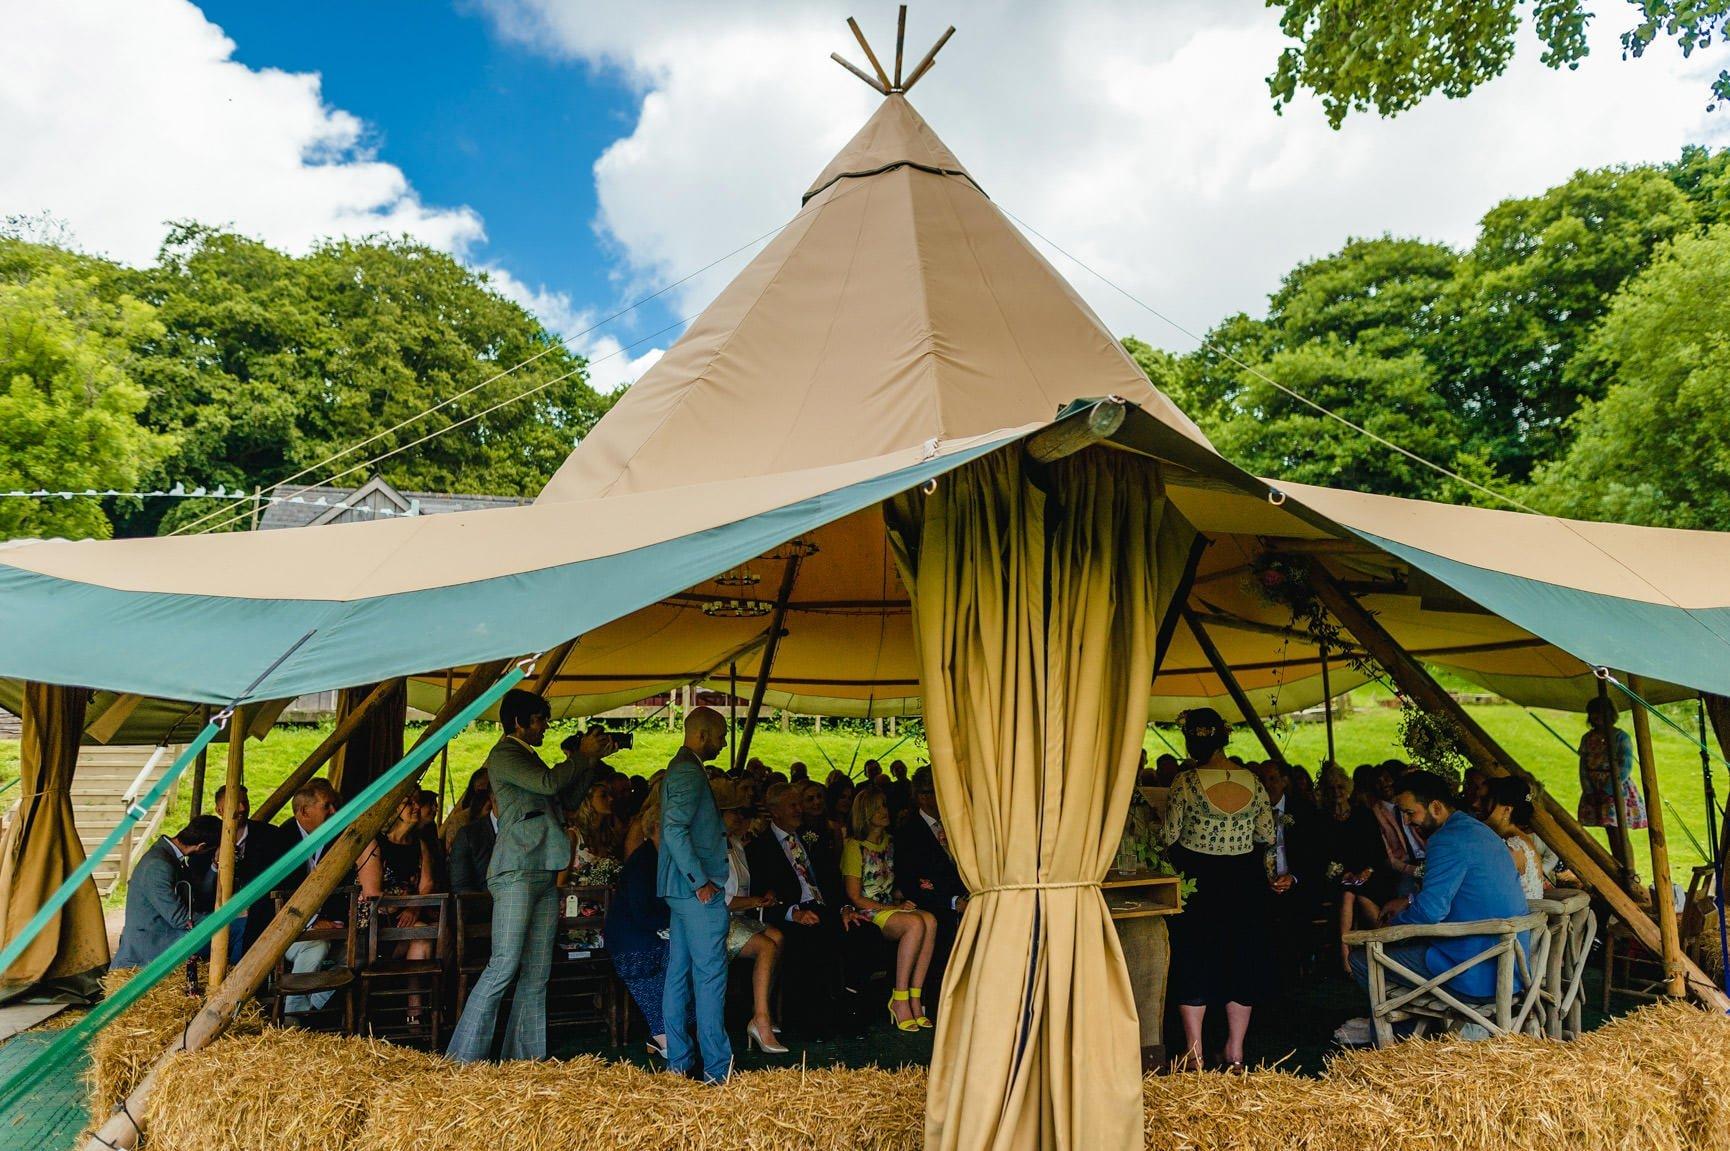 Fforest Wedding, Cardigan, Wales - Lauren and Gareth 64